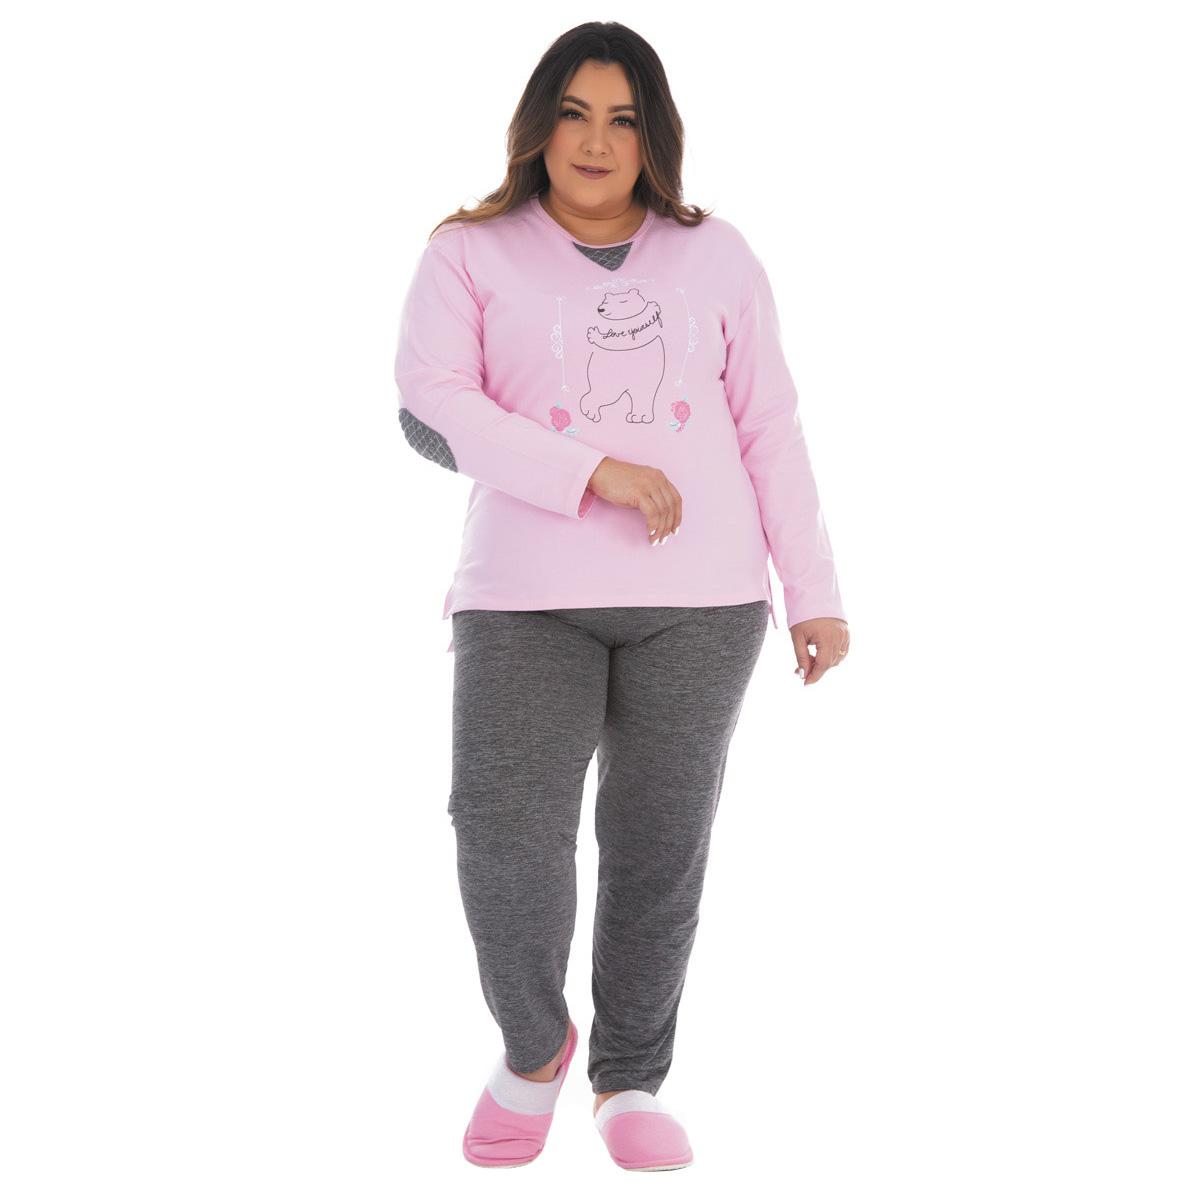 Pijama plus size feminino para o inverno ELEGANCE Victory